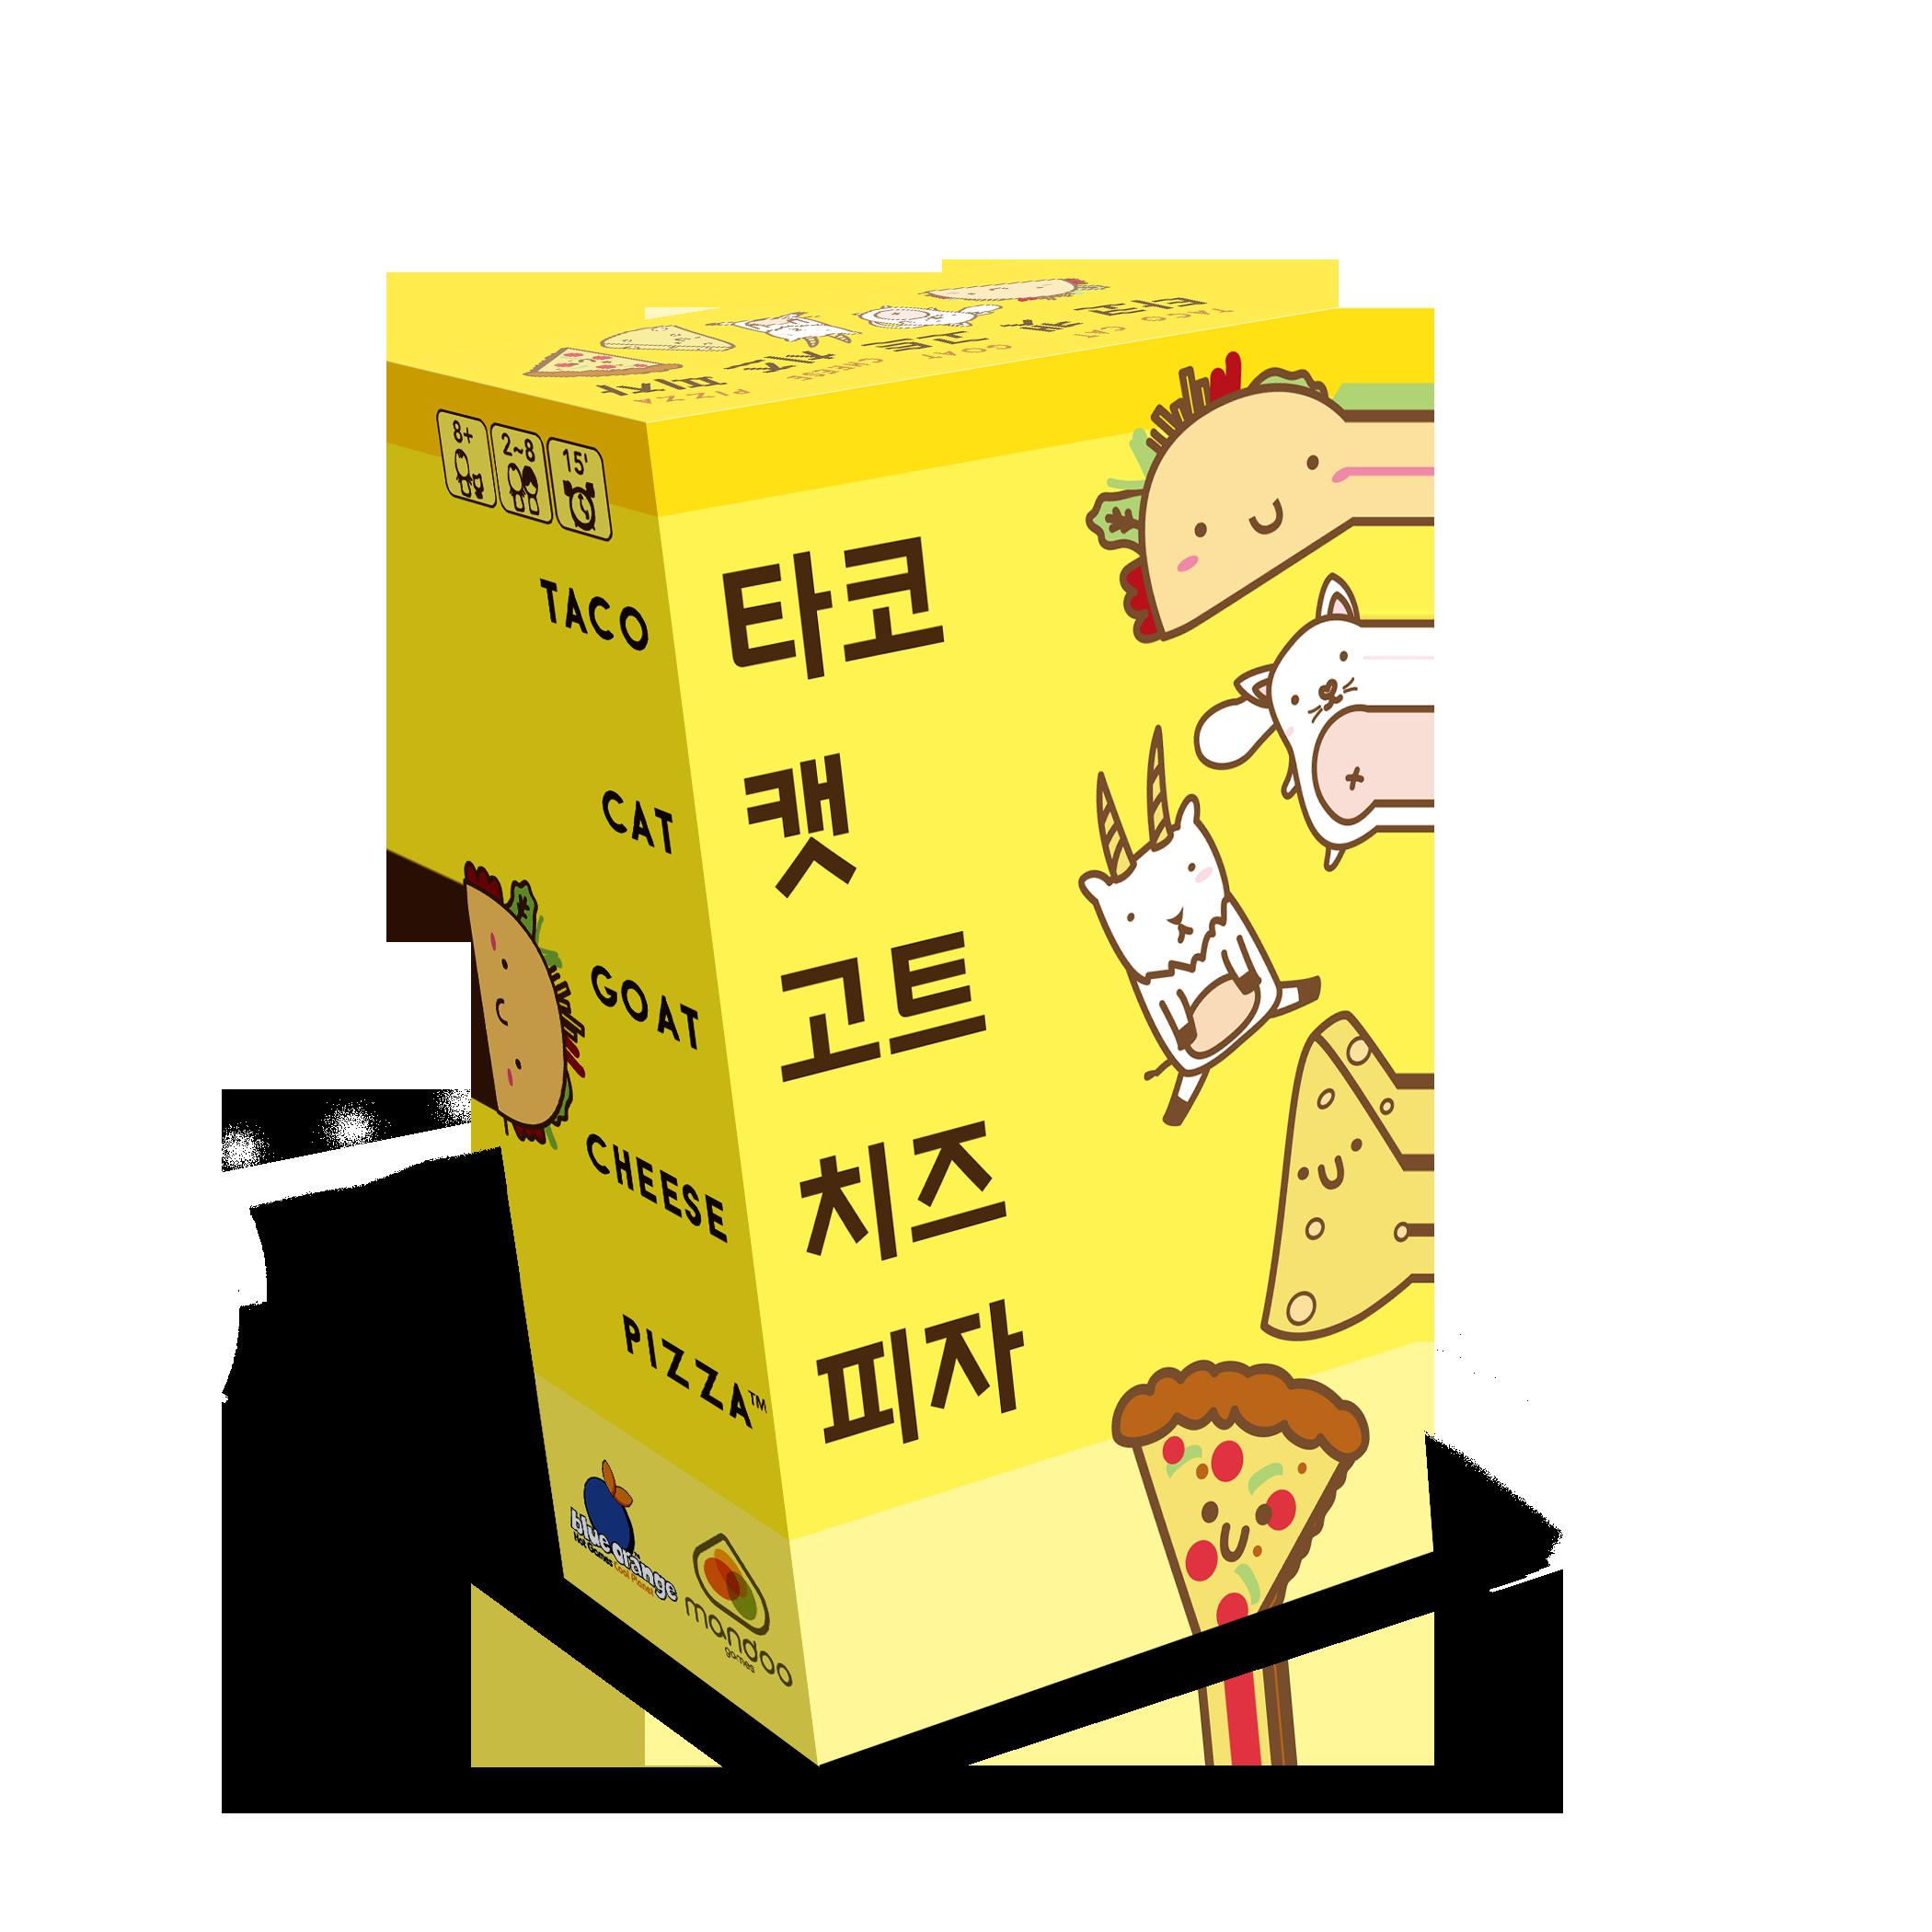 타코 캣 고트 치즈 피자